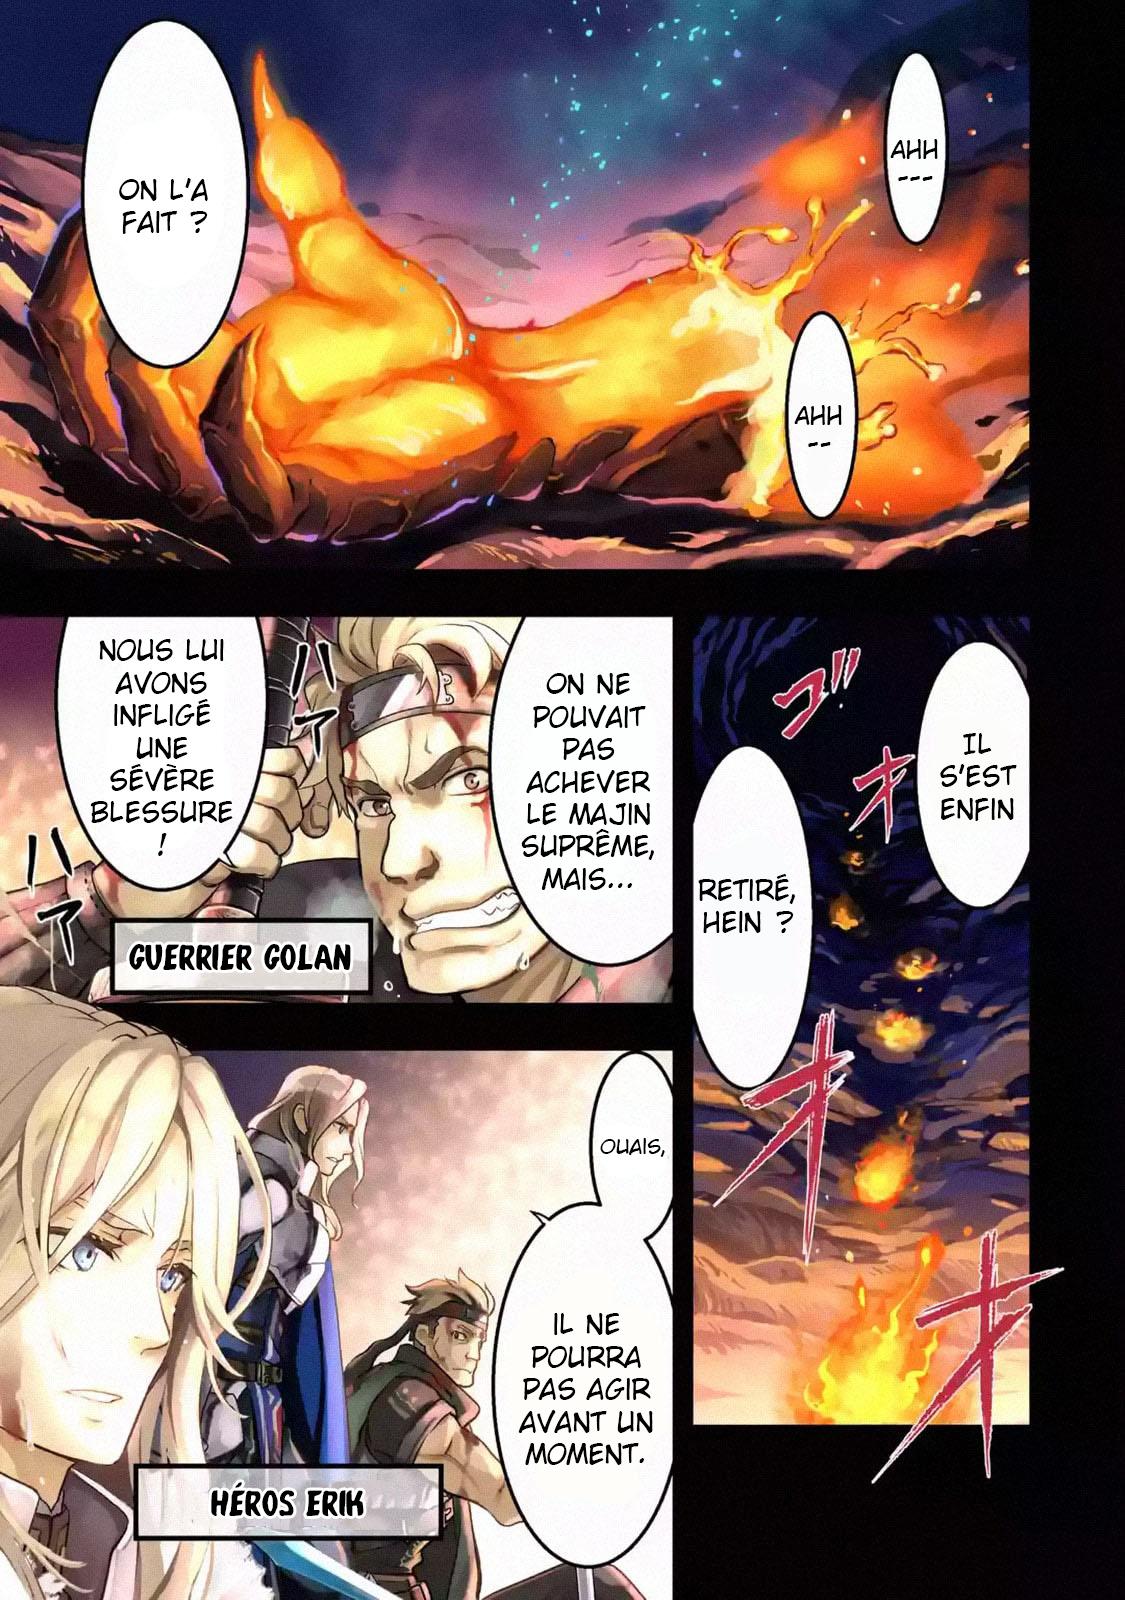 https://nine.mangadogs.com/fr_manga/pic2/49/8369/349149/1416e98269cd6eb339872f1de8681b39.jpg Page 2